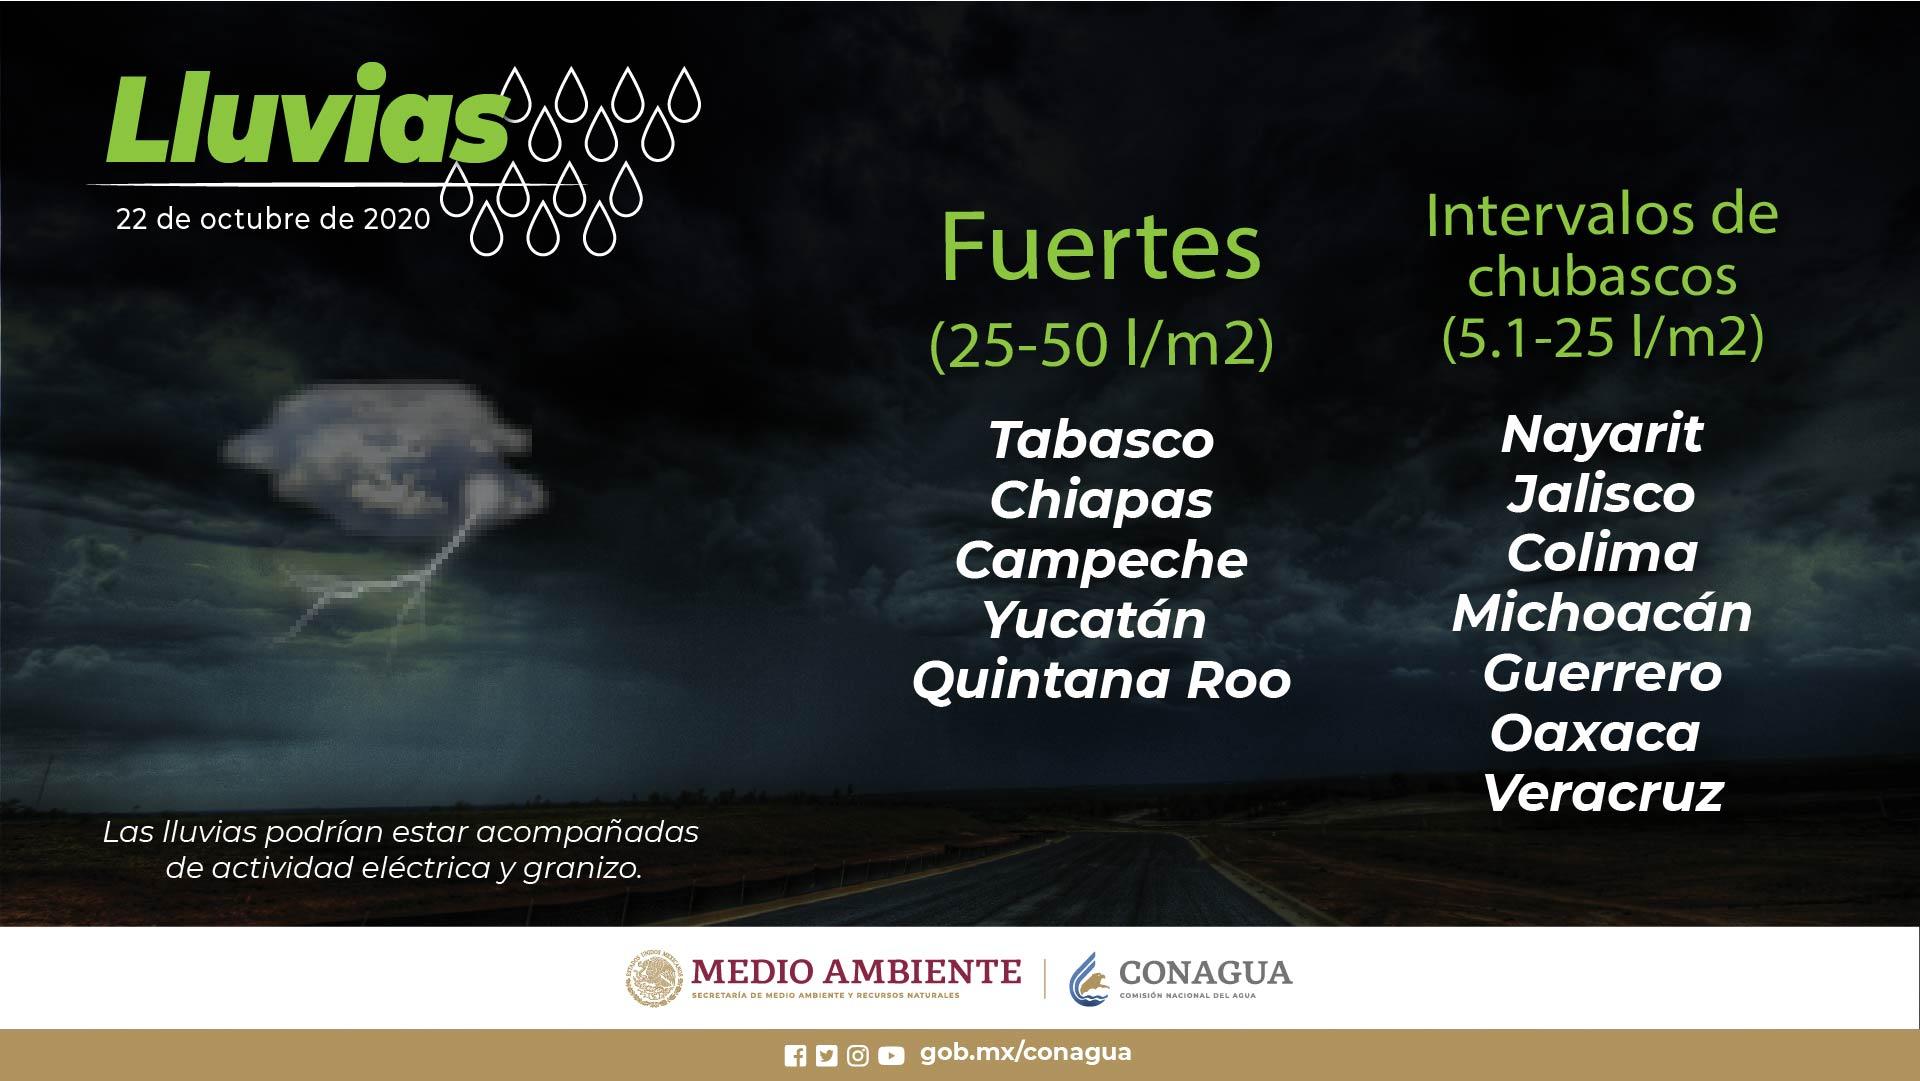 Se pronostican lluvias puntuales fuertes para Campeche, Chiapas, Quintana Roo, Tabasco y Yucatán